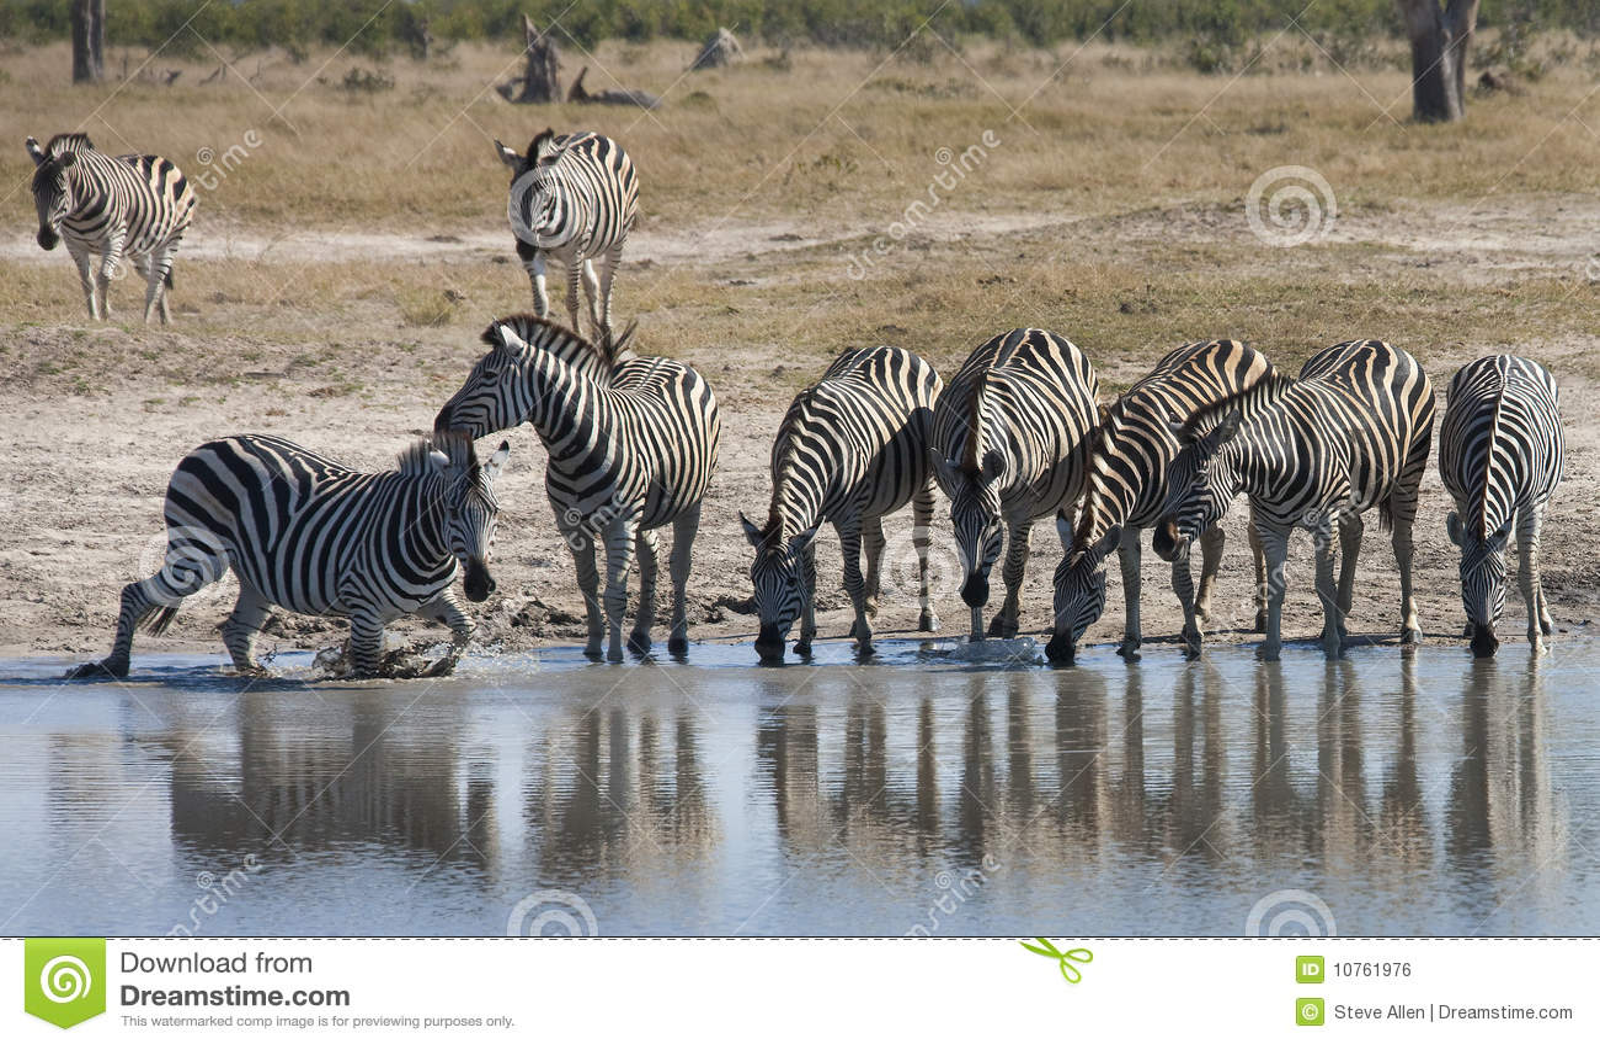 Botswana waterholesebra